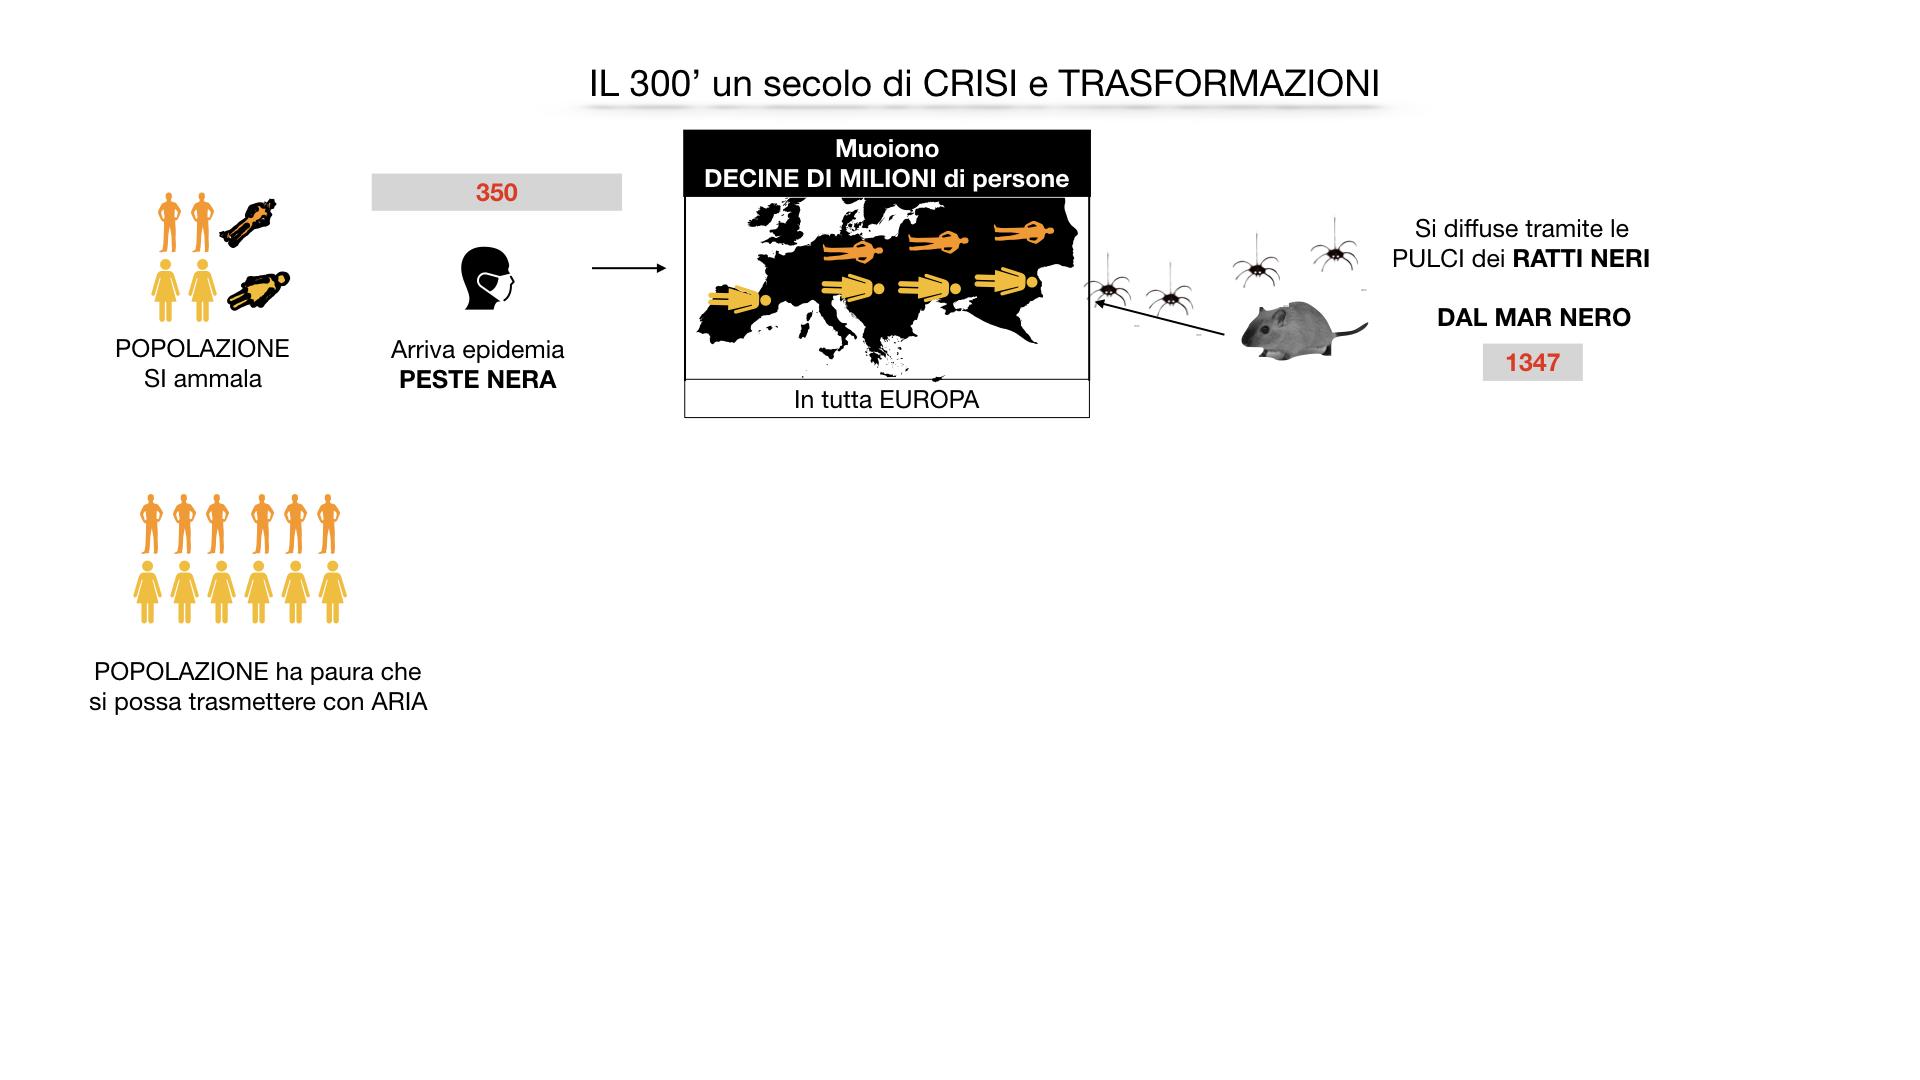 il 300 crisi e trasformazioni_ SIMULAZIONE.023